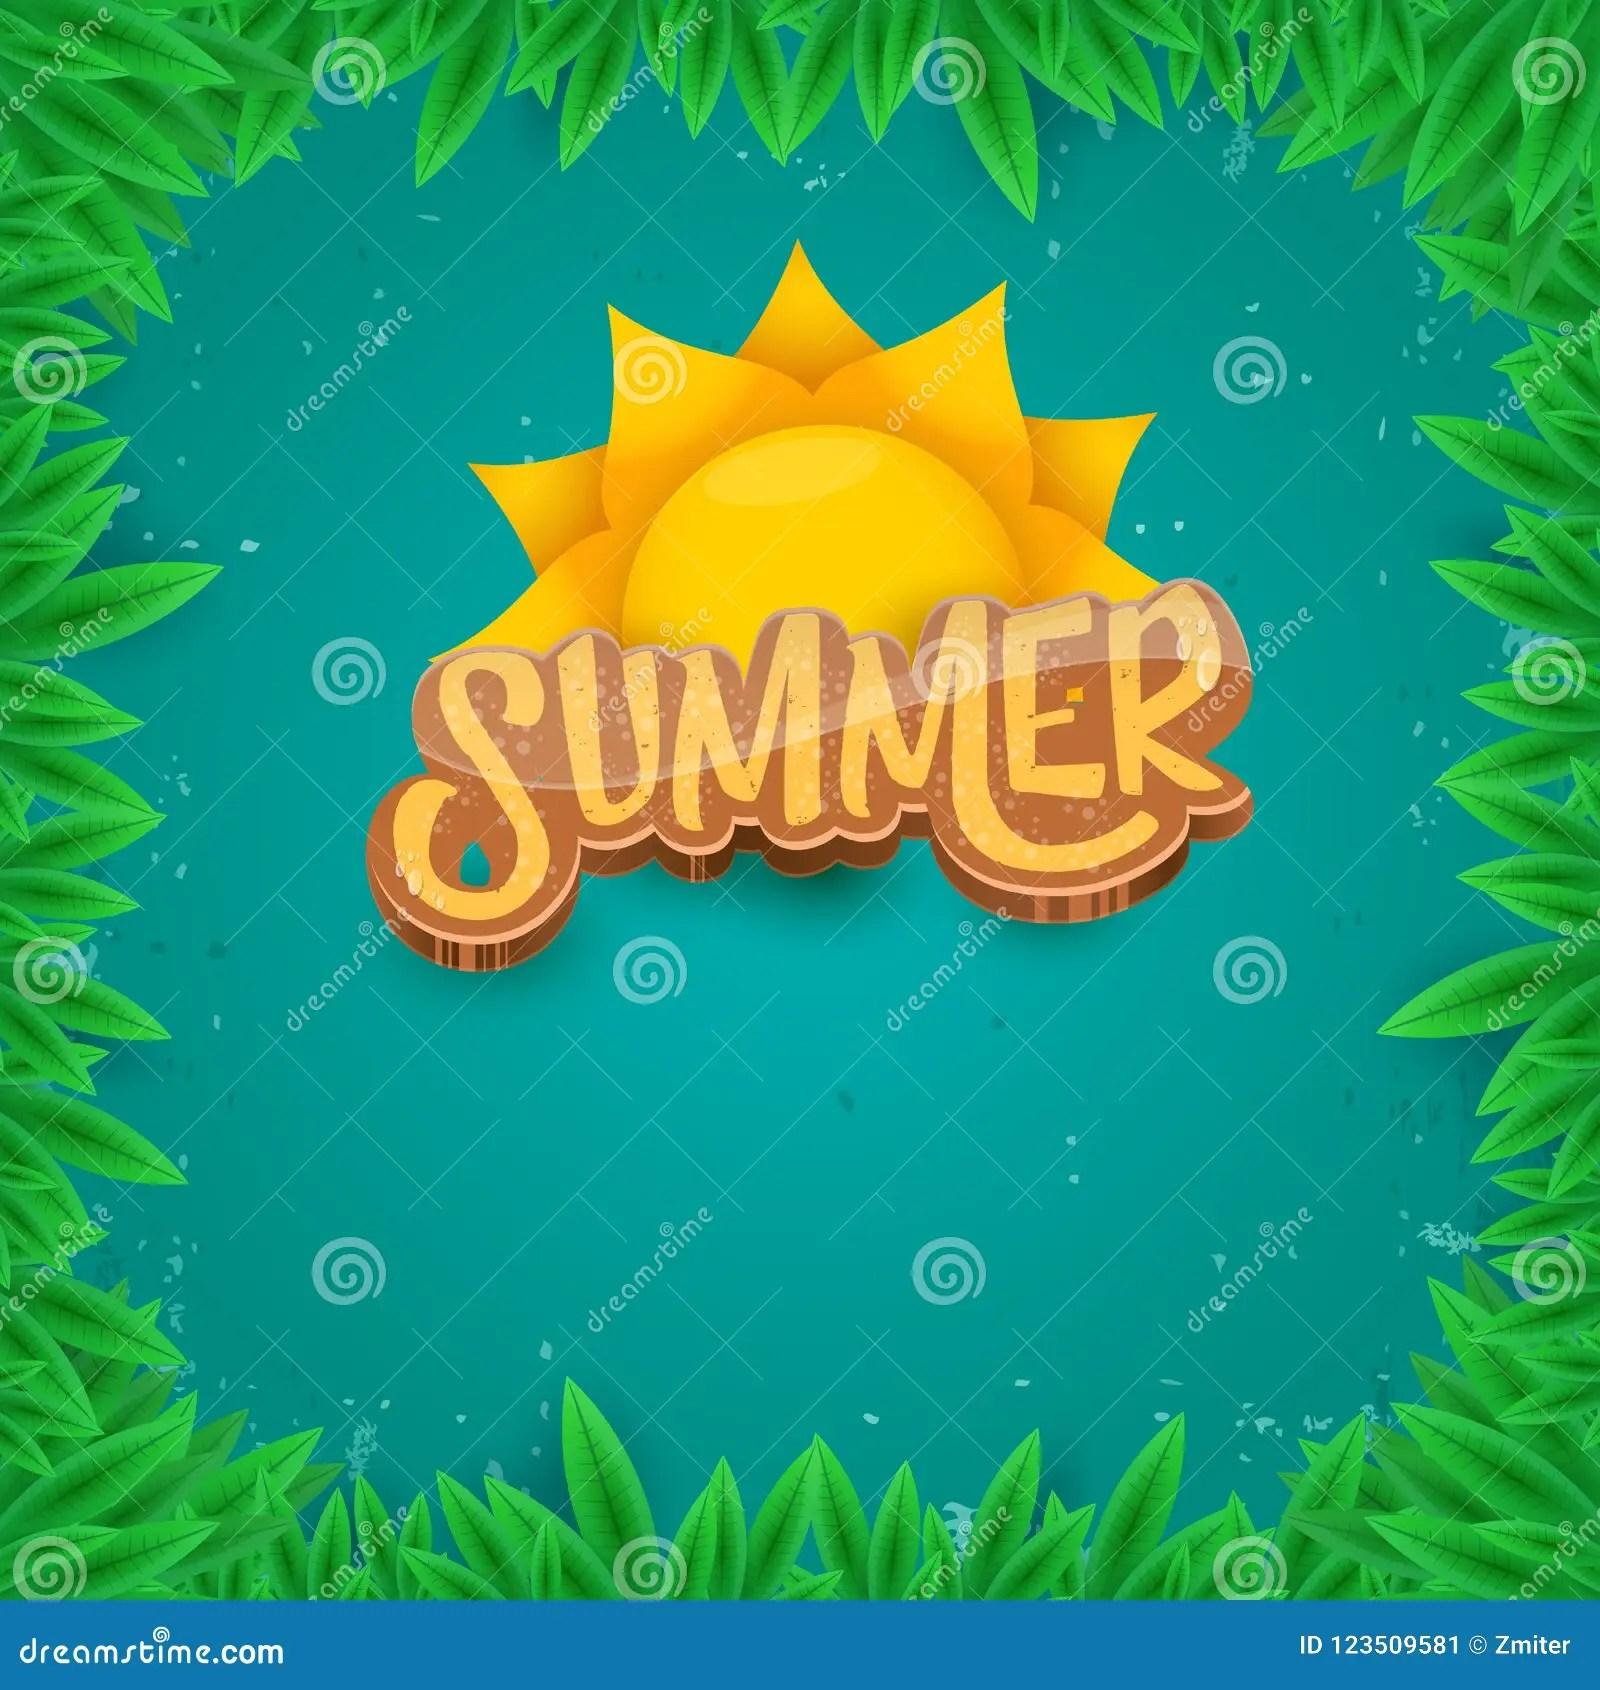 vector summer label paper